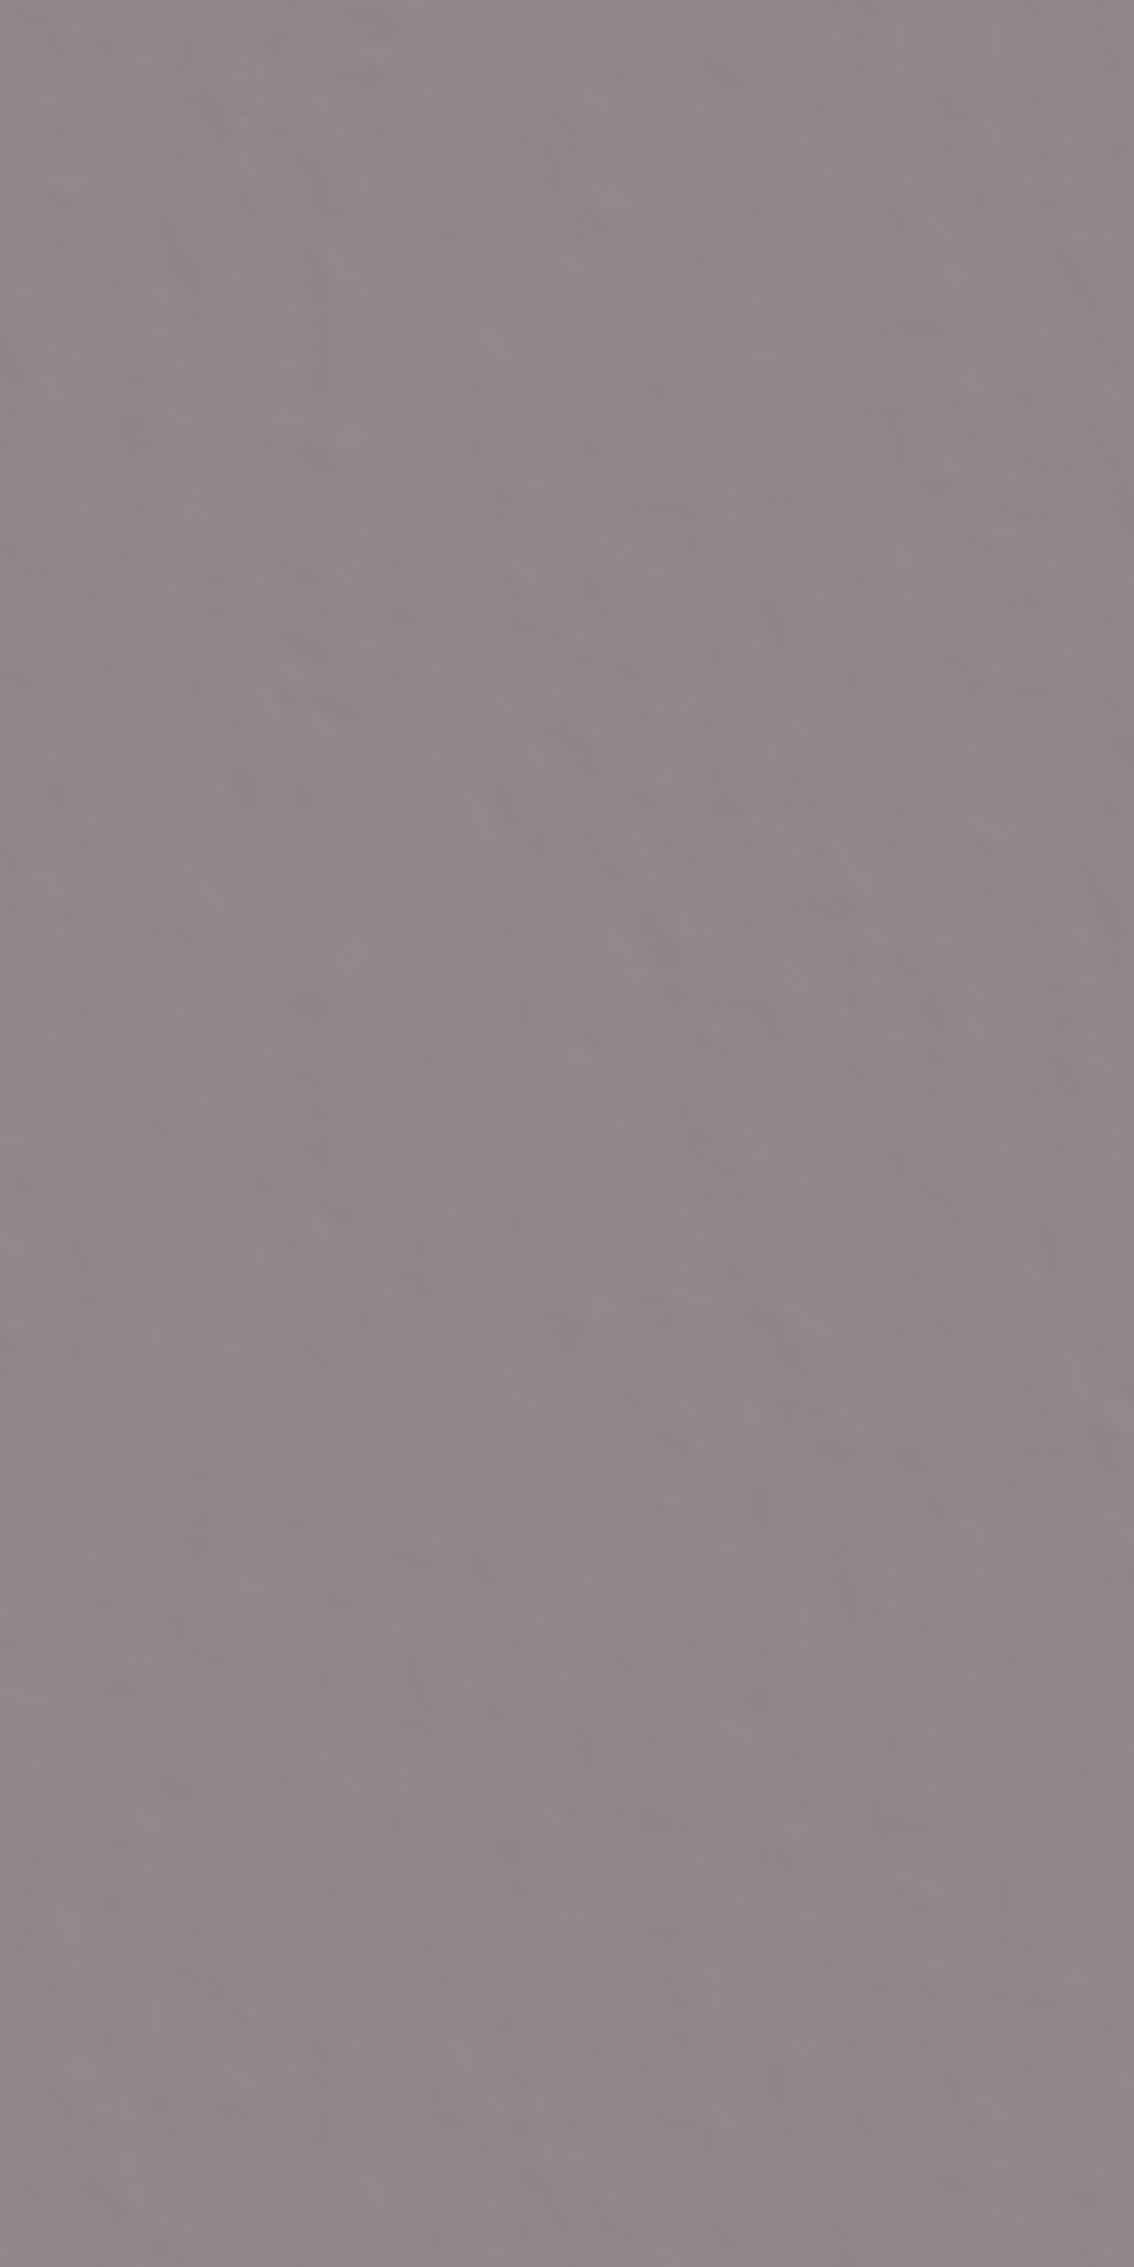 Neutra 6.0 Malva 12 Matte 6mm 120 x 240